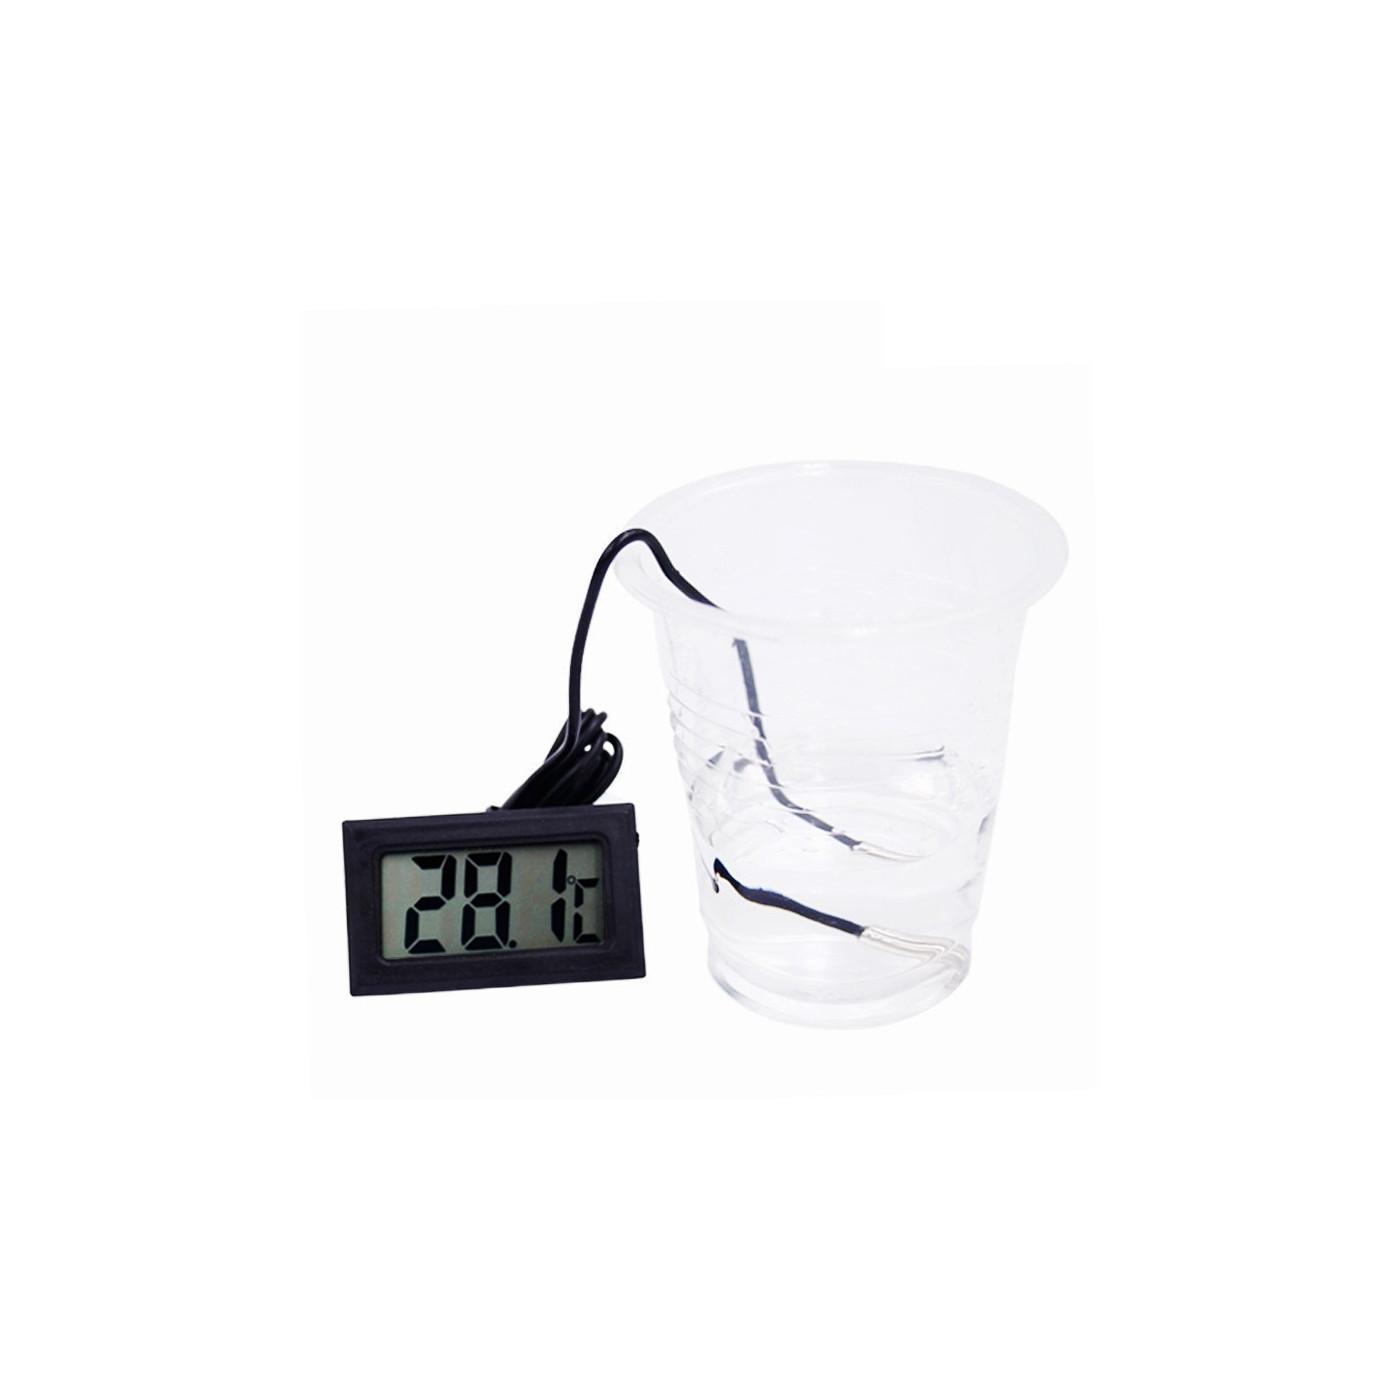 Termômetro LCD preto com sonda (para aquário, etc.)  - 1